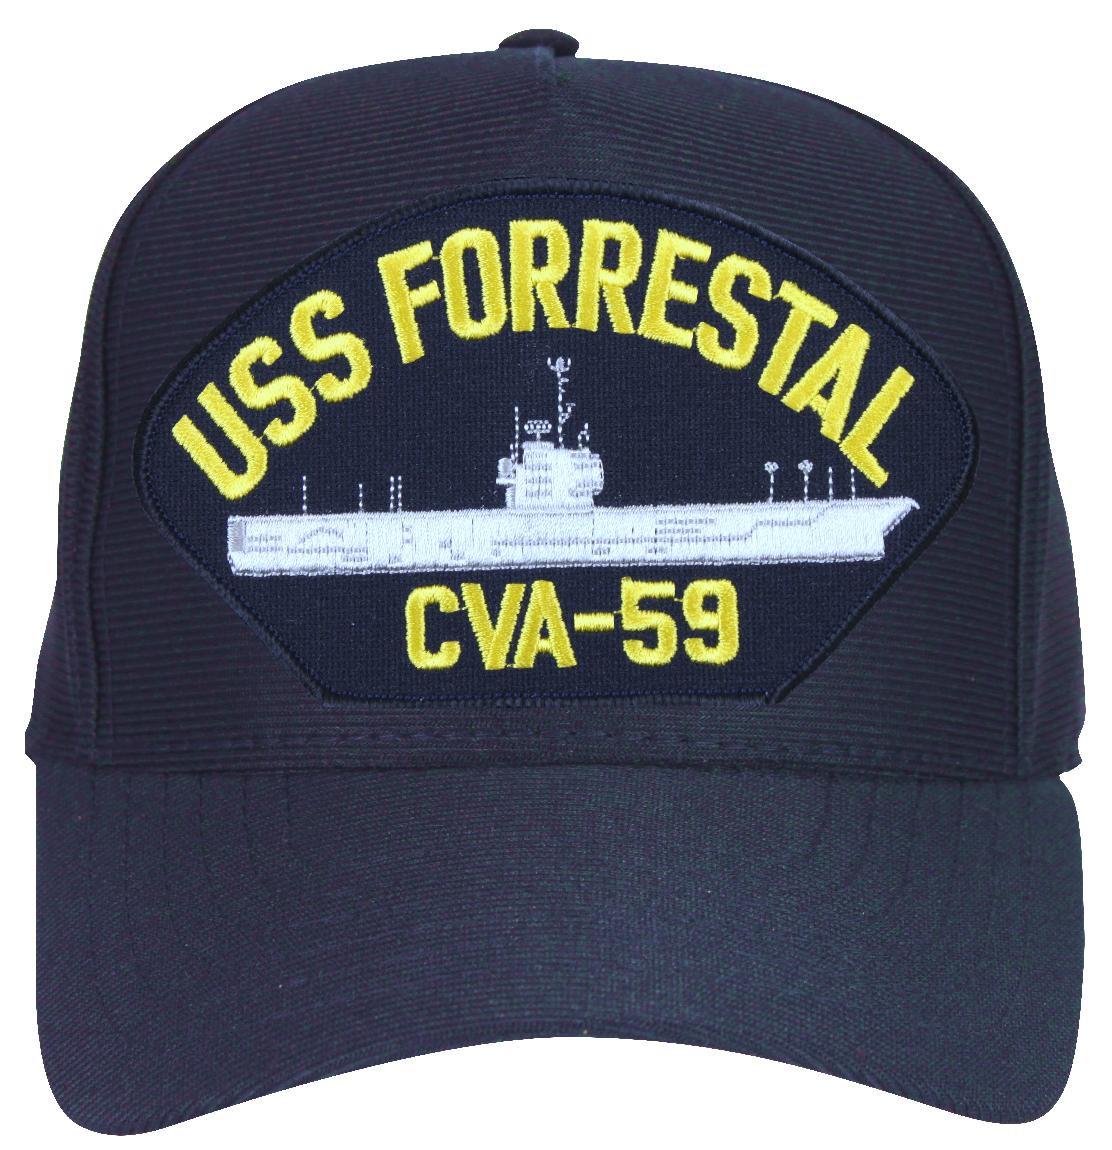 USS Forrestal CVA-59 Ships Ball Cap - Walmart.com 3c7c232e923